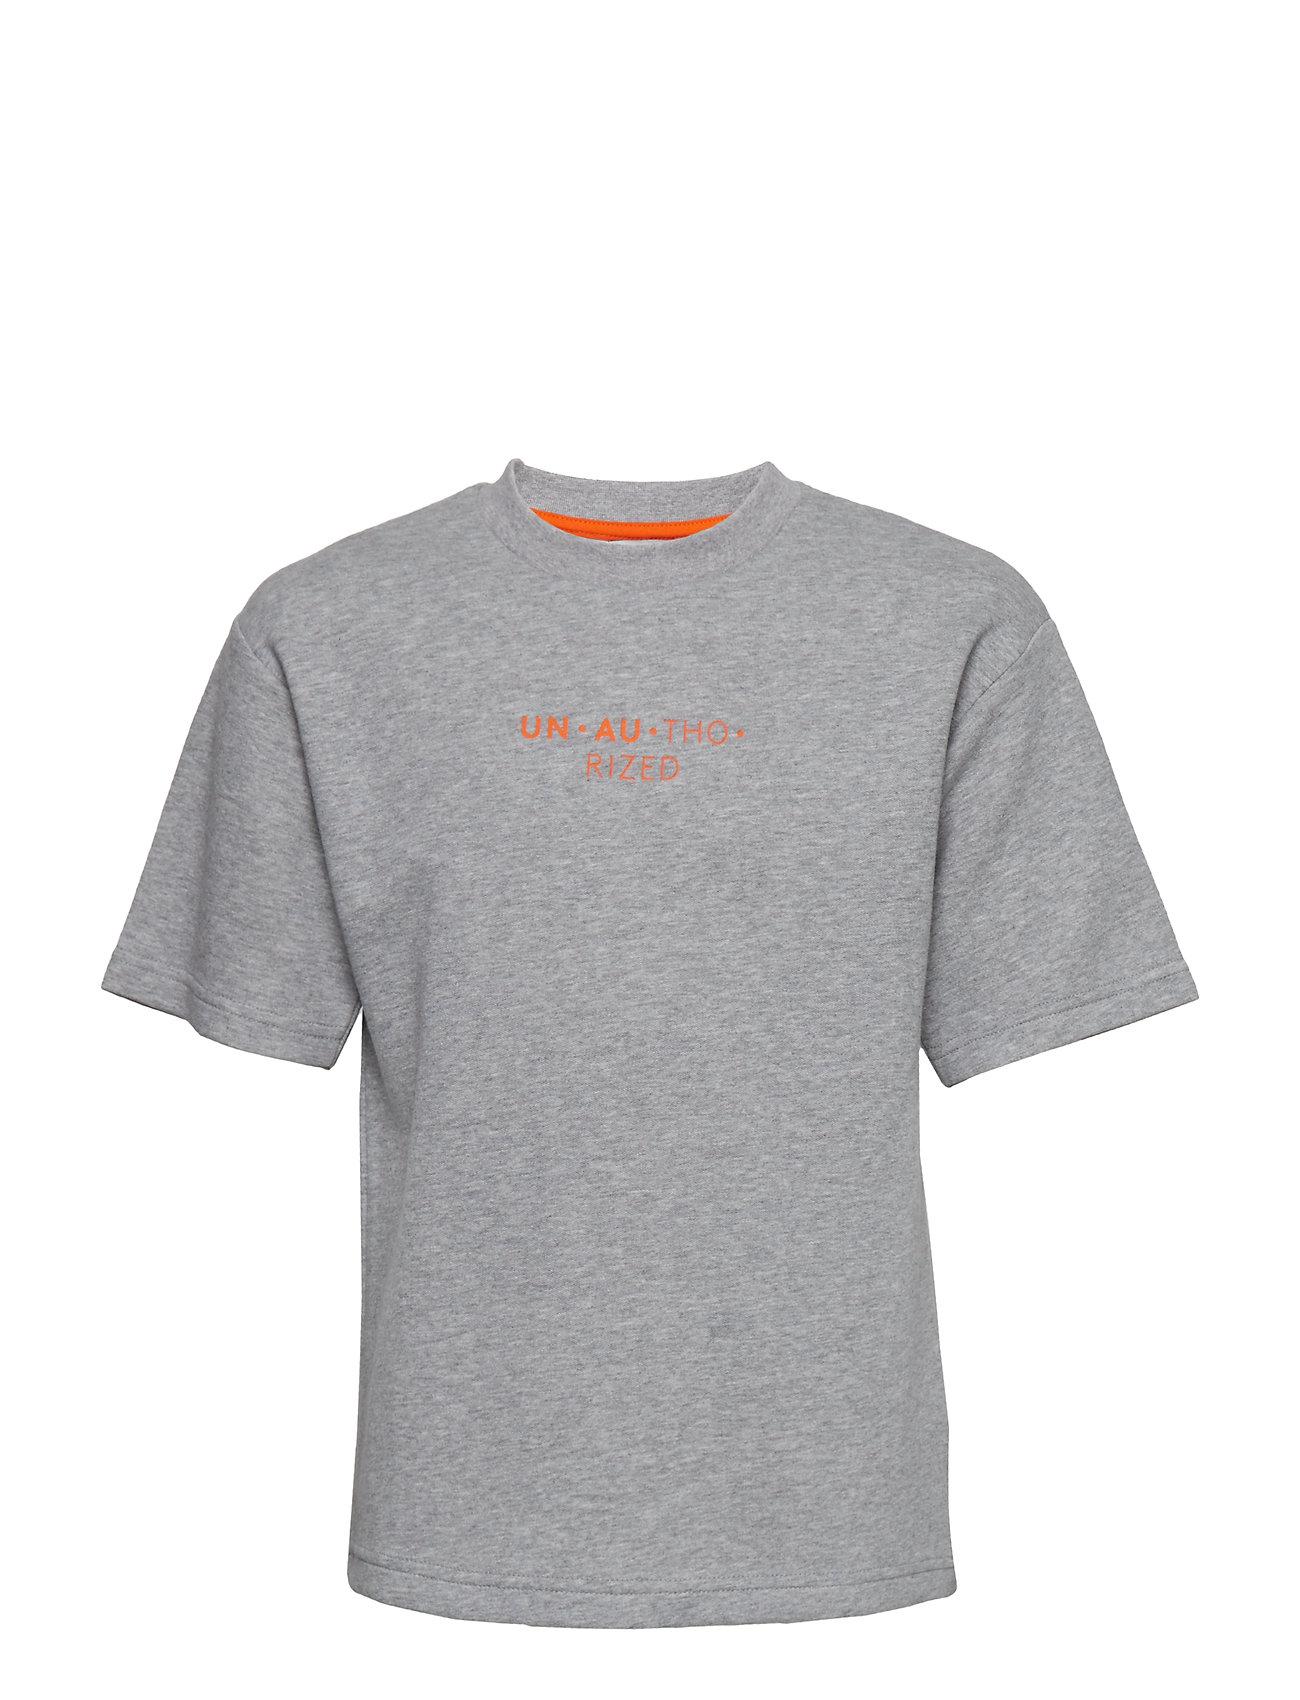 Unauthorized Lucas T-shirt - GREY MELANGE